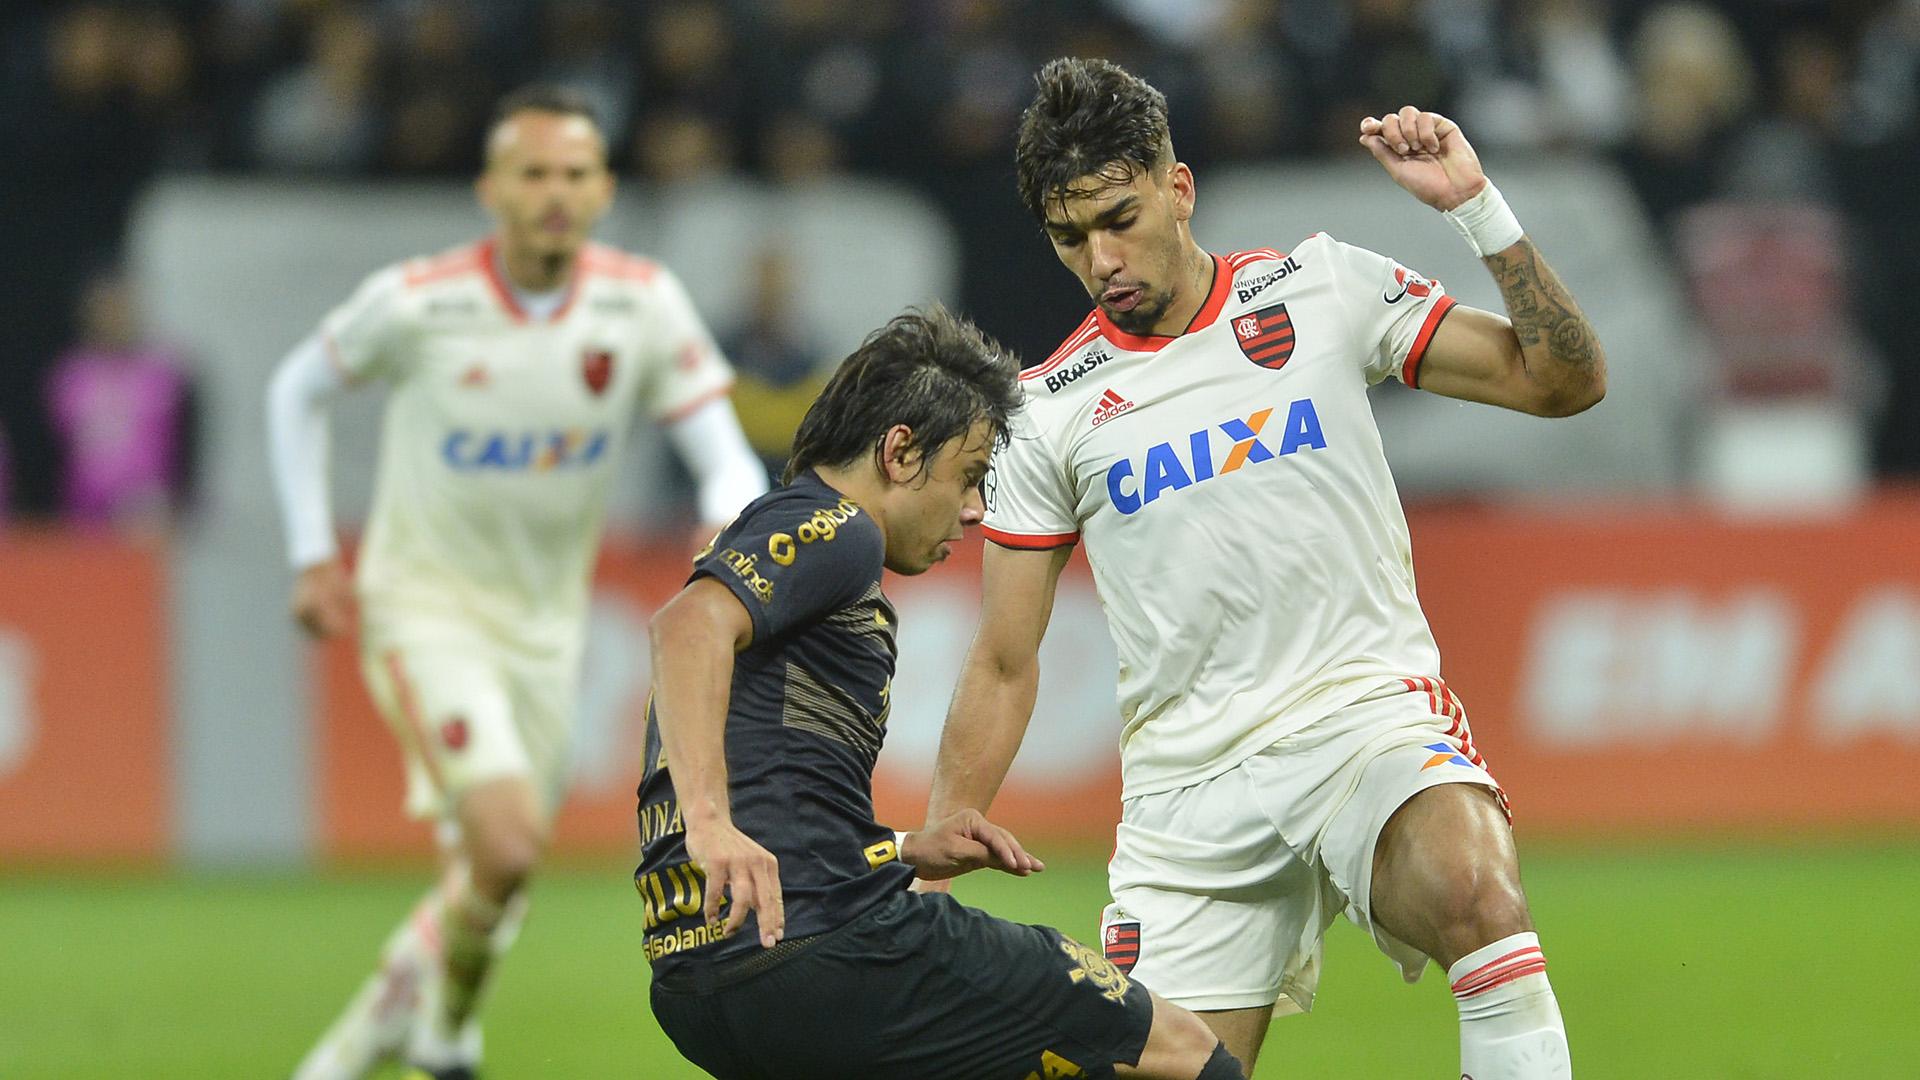 Lucas Paqueta Angel Romero Corinthians Flamengo Brasileirão Série A 05102018